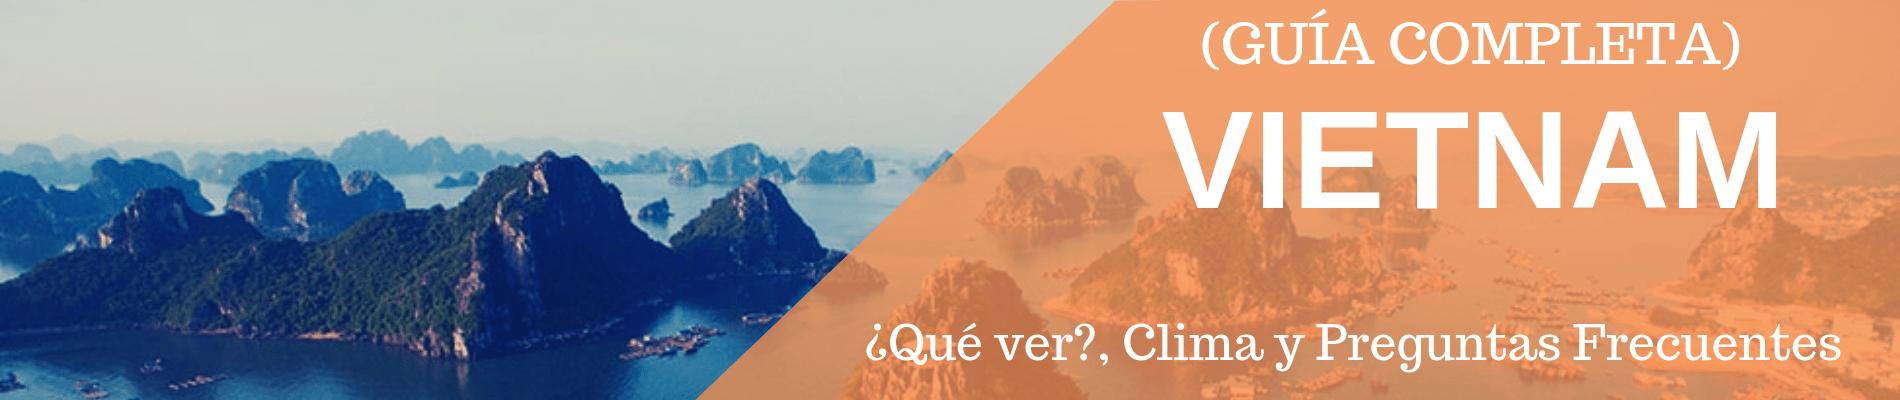 Viajar a Vietnam Guía Completa